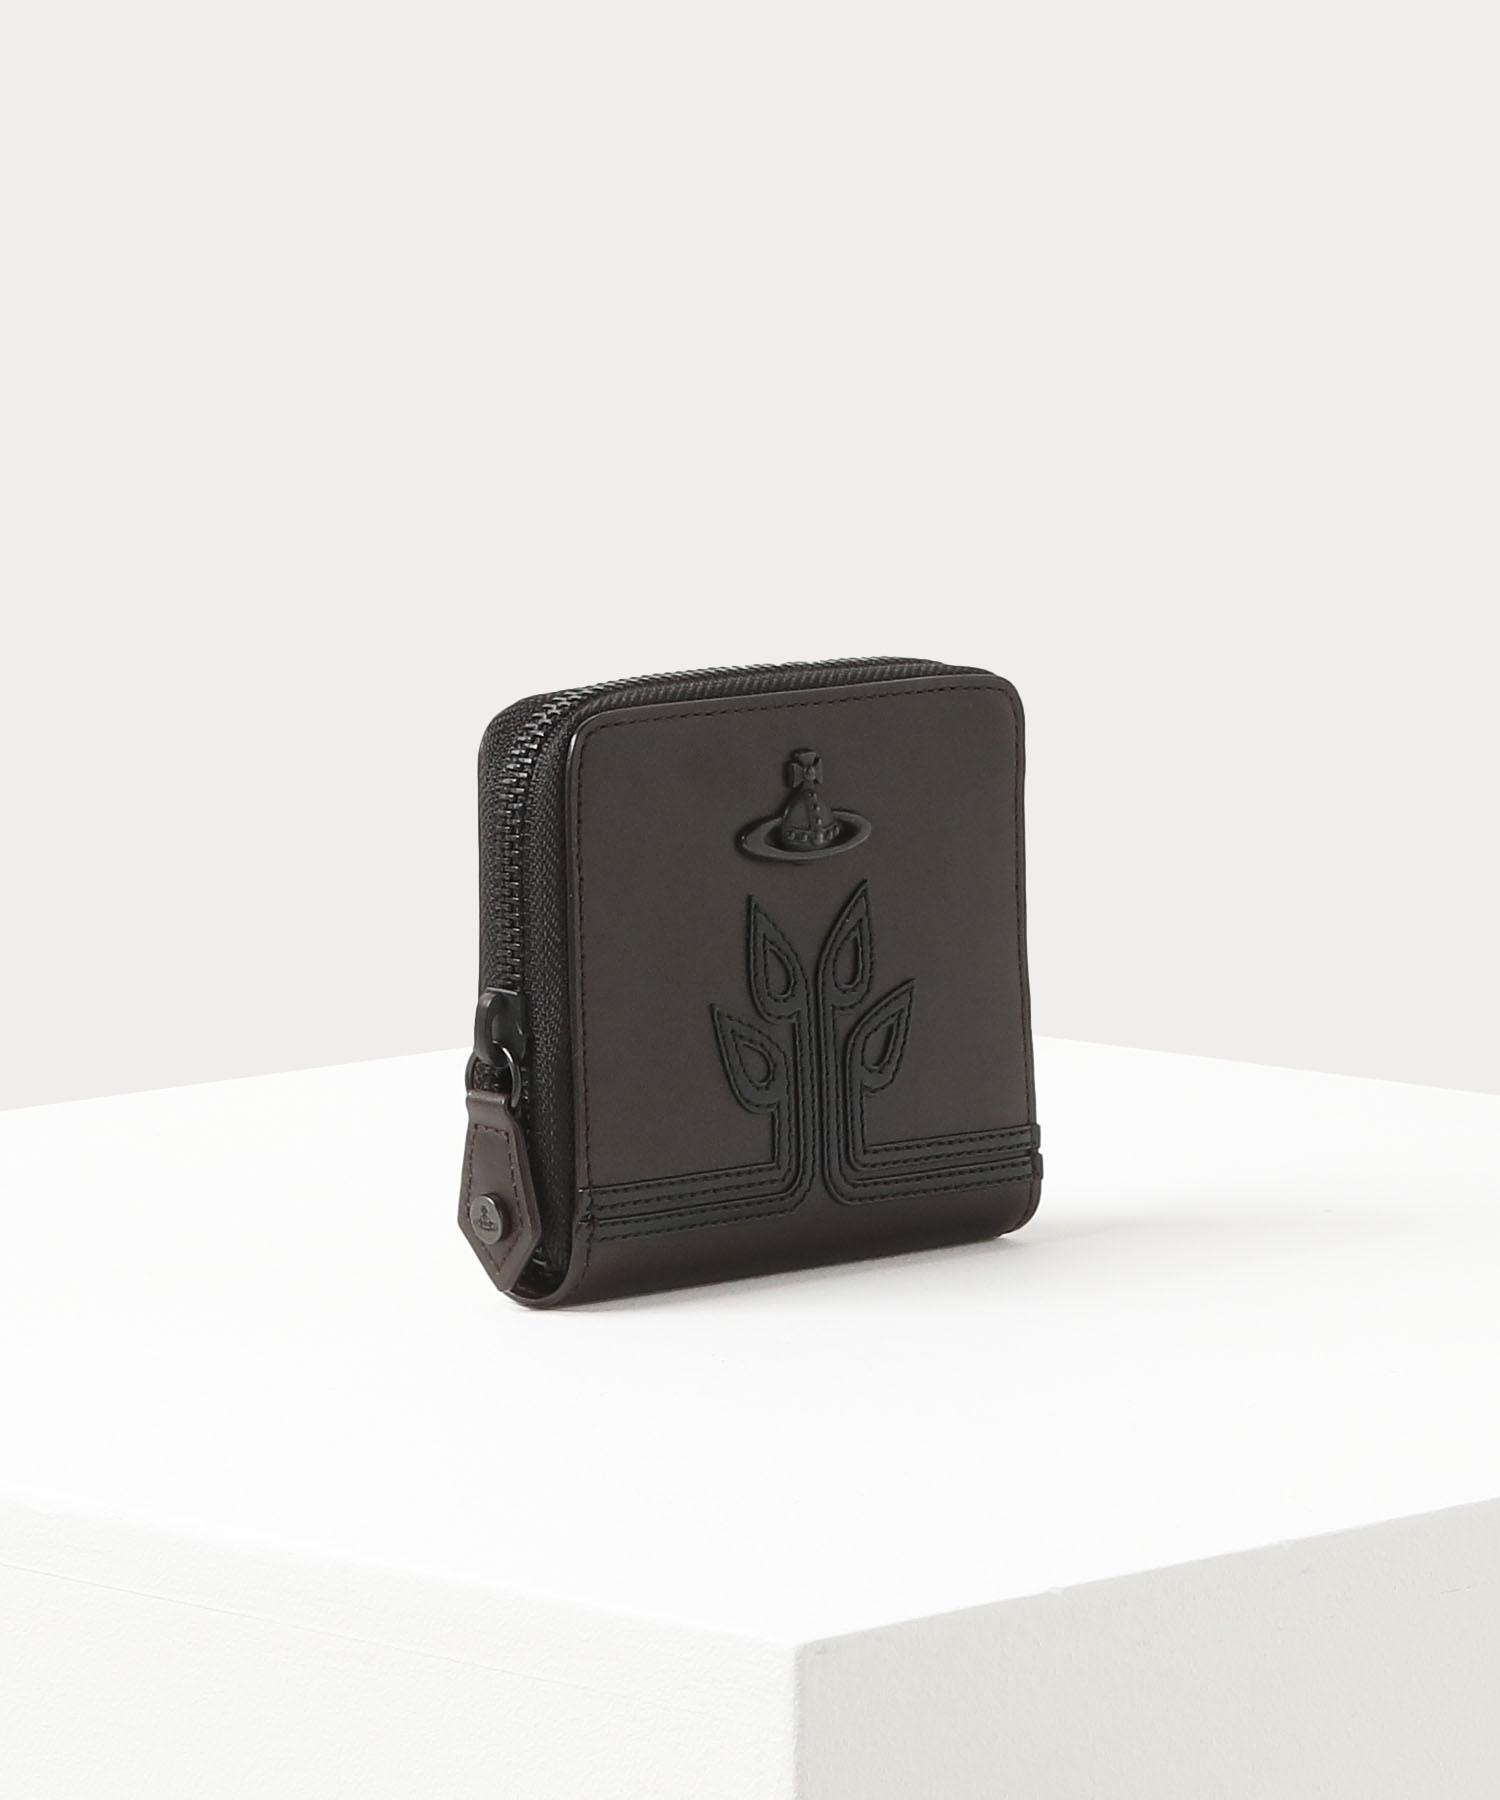 シードツリーORB ラウンドファスナー二つ折り財布